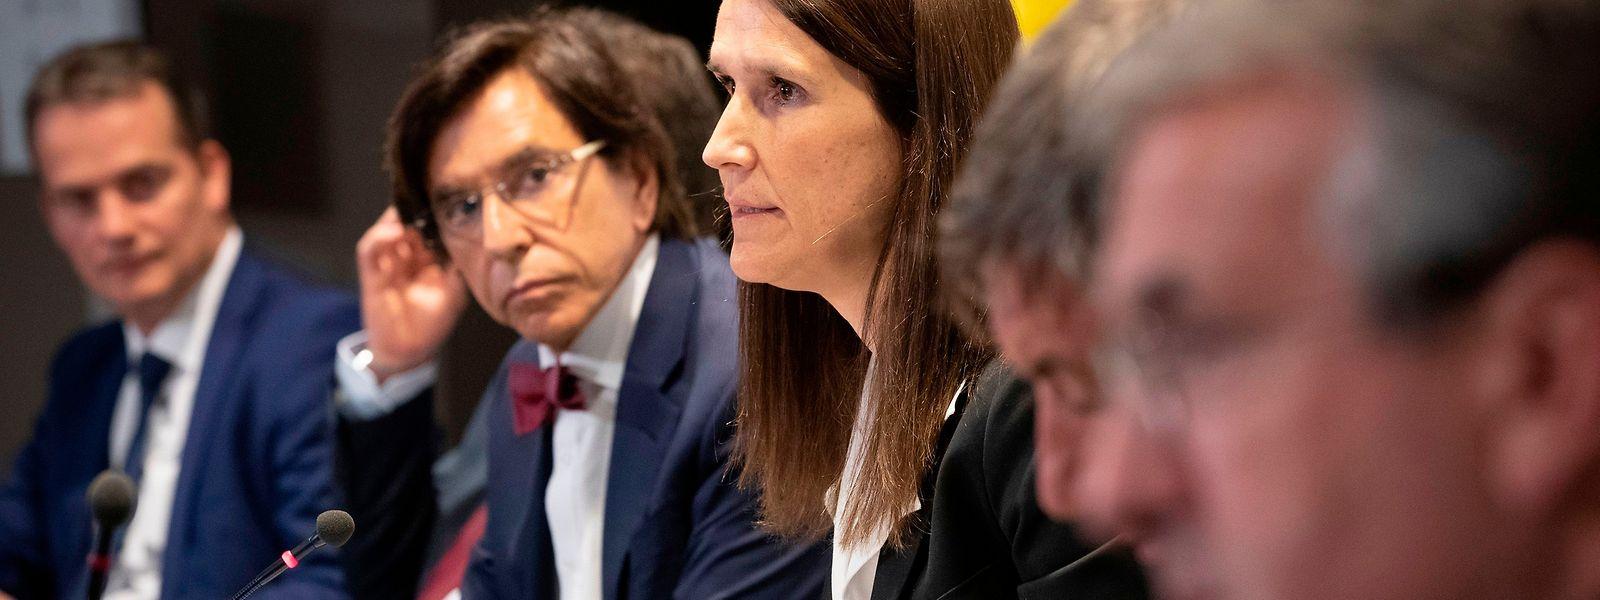 Sophie Wilmès et son gouvernement s'apprêtent à retrouver les limites d'un exécutif minoritaire.